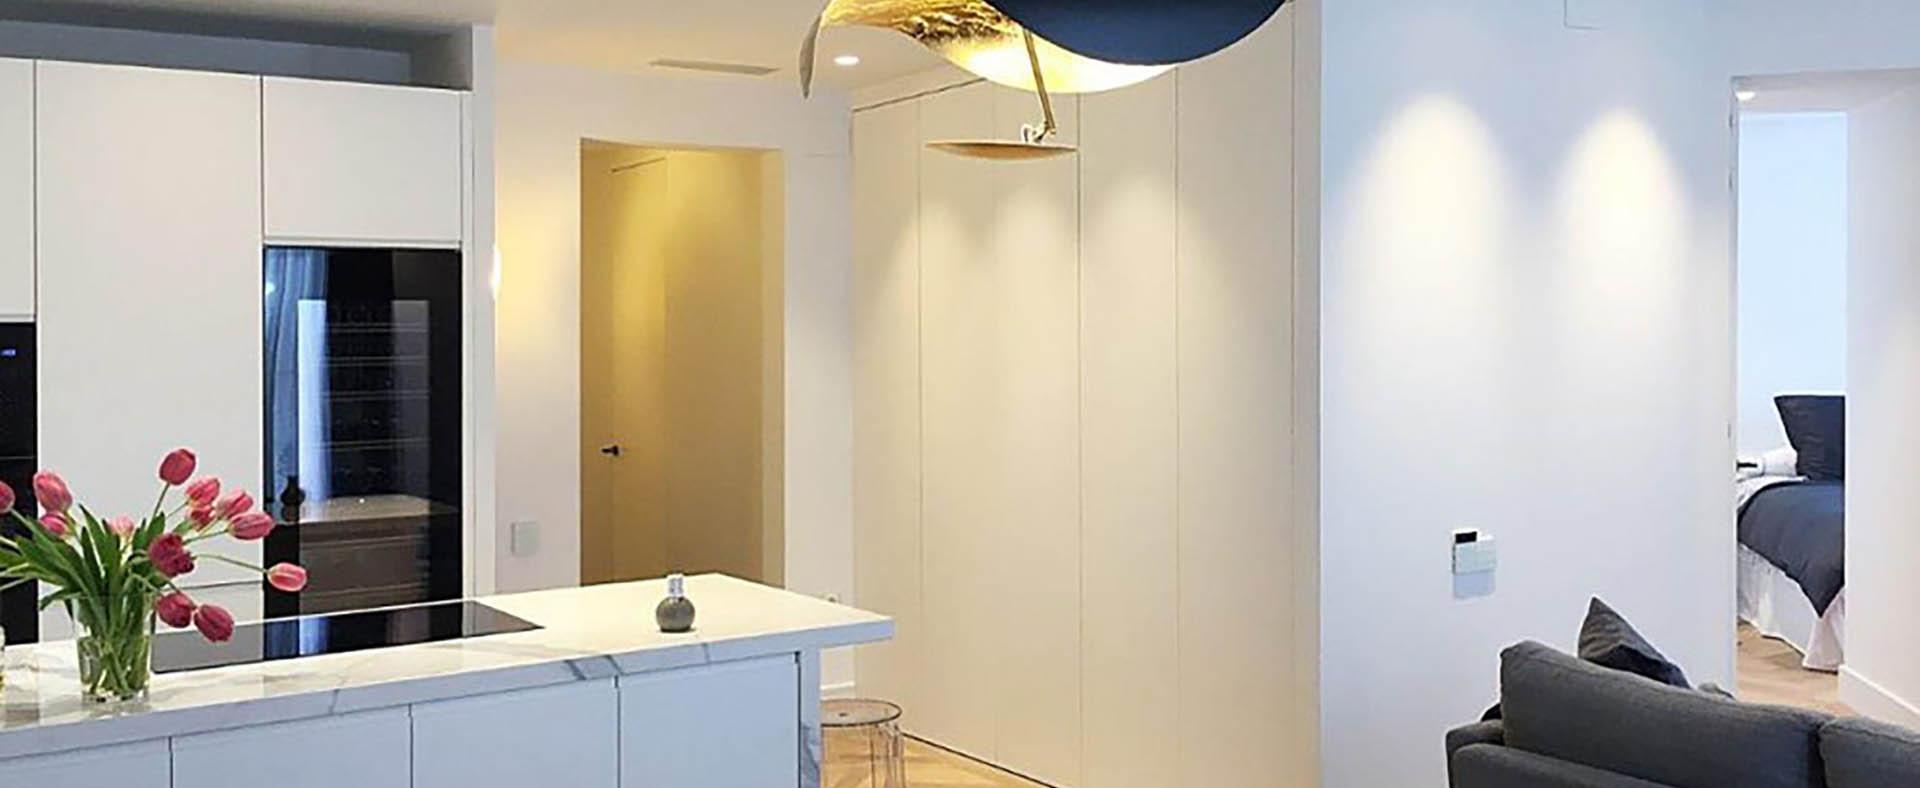 diseño de pisoso modernos vista general salón y cocina portada